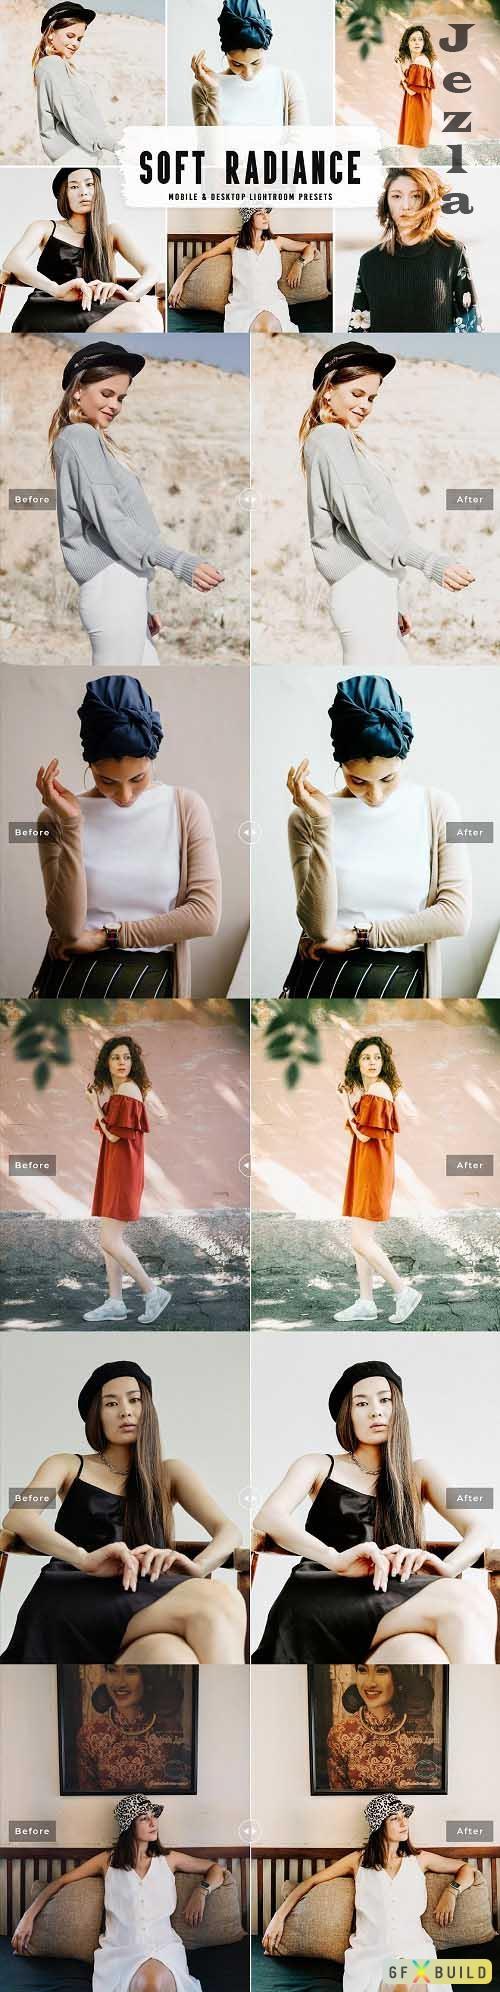 Soft Radiance Pro Lightroom Presets - 6525744